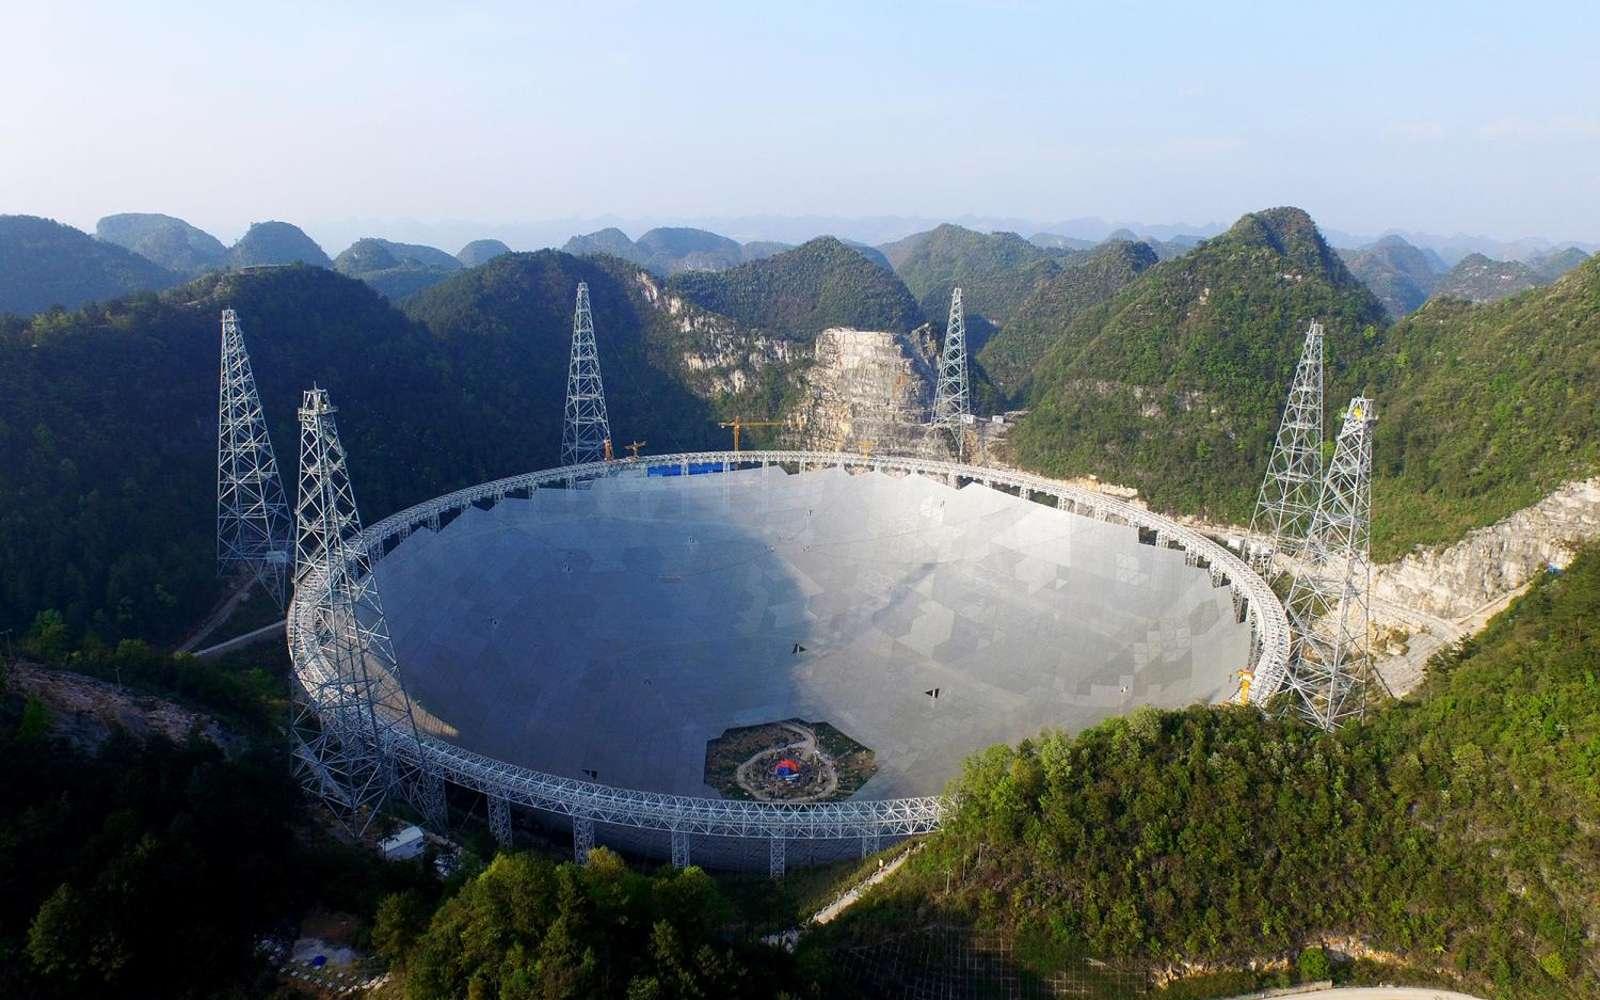 Vue aérienne du radiotélescope Fast (500 mètres de diamètre), construit dans la province de Guizou, dans le sud-ouest de la Chine. © NAOC